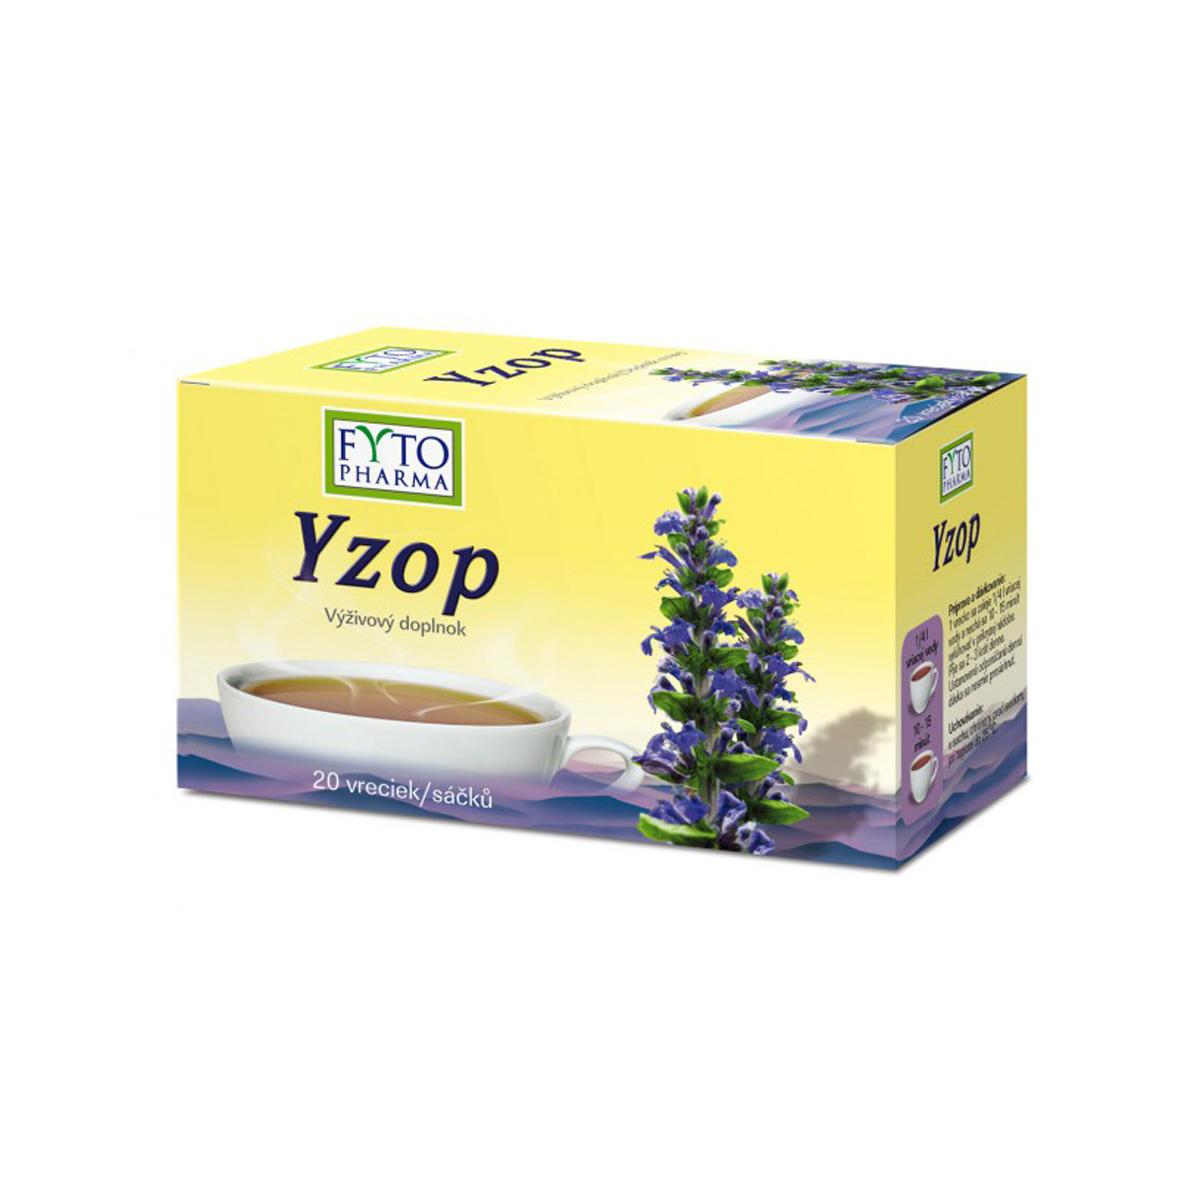 Fytopharma Yzop 20 x 1,5 g